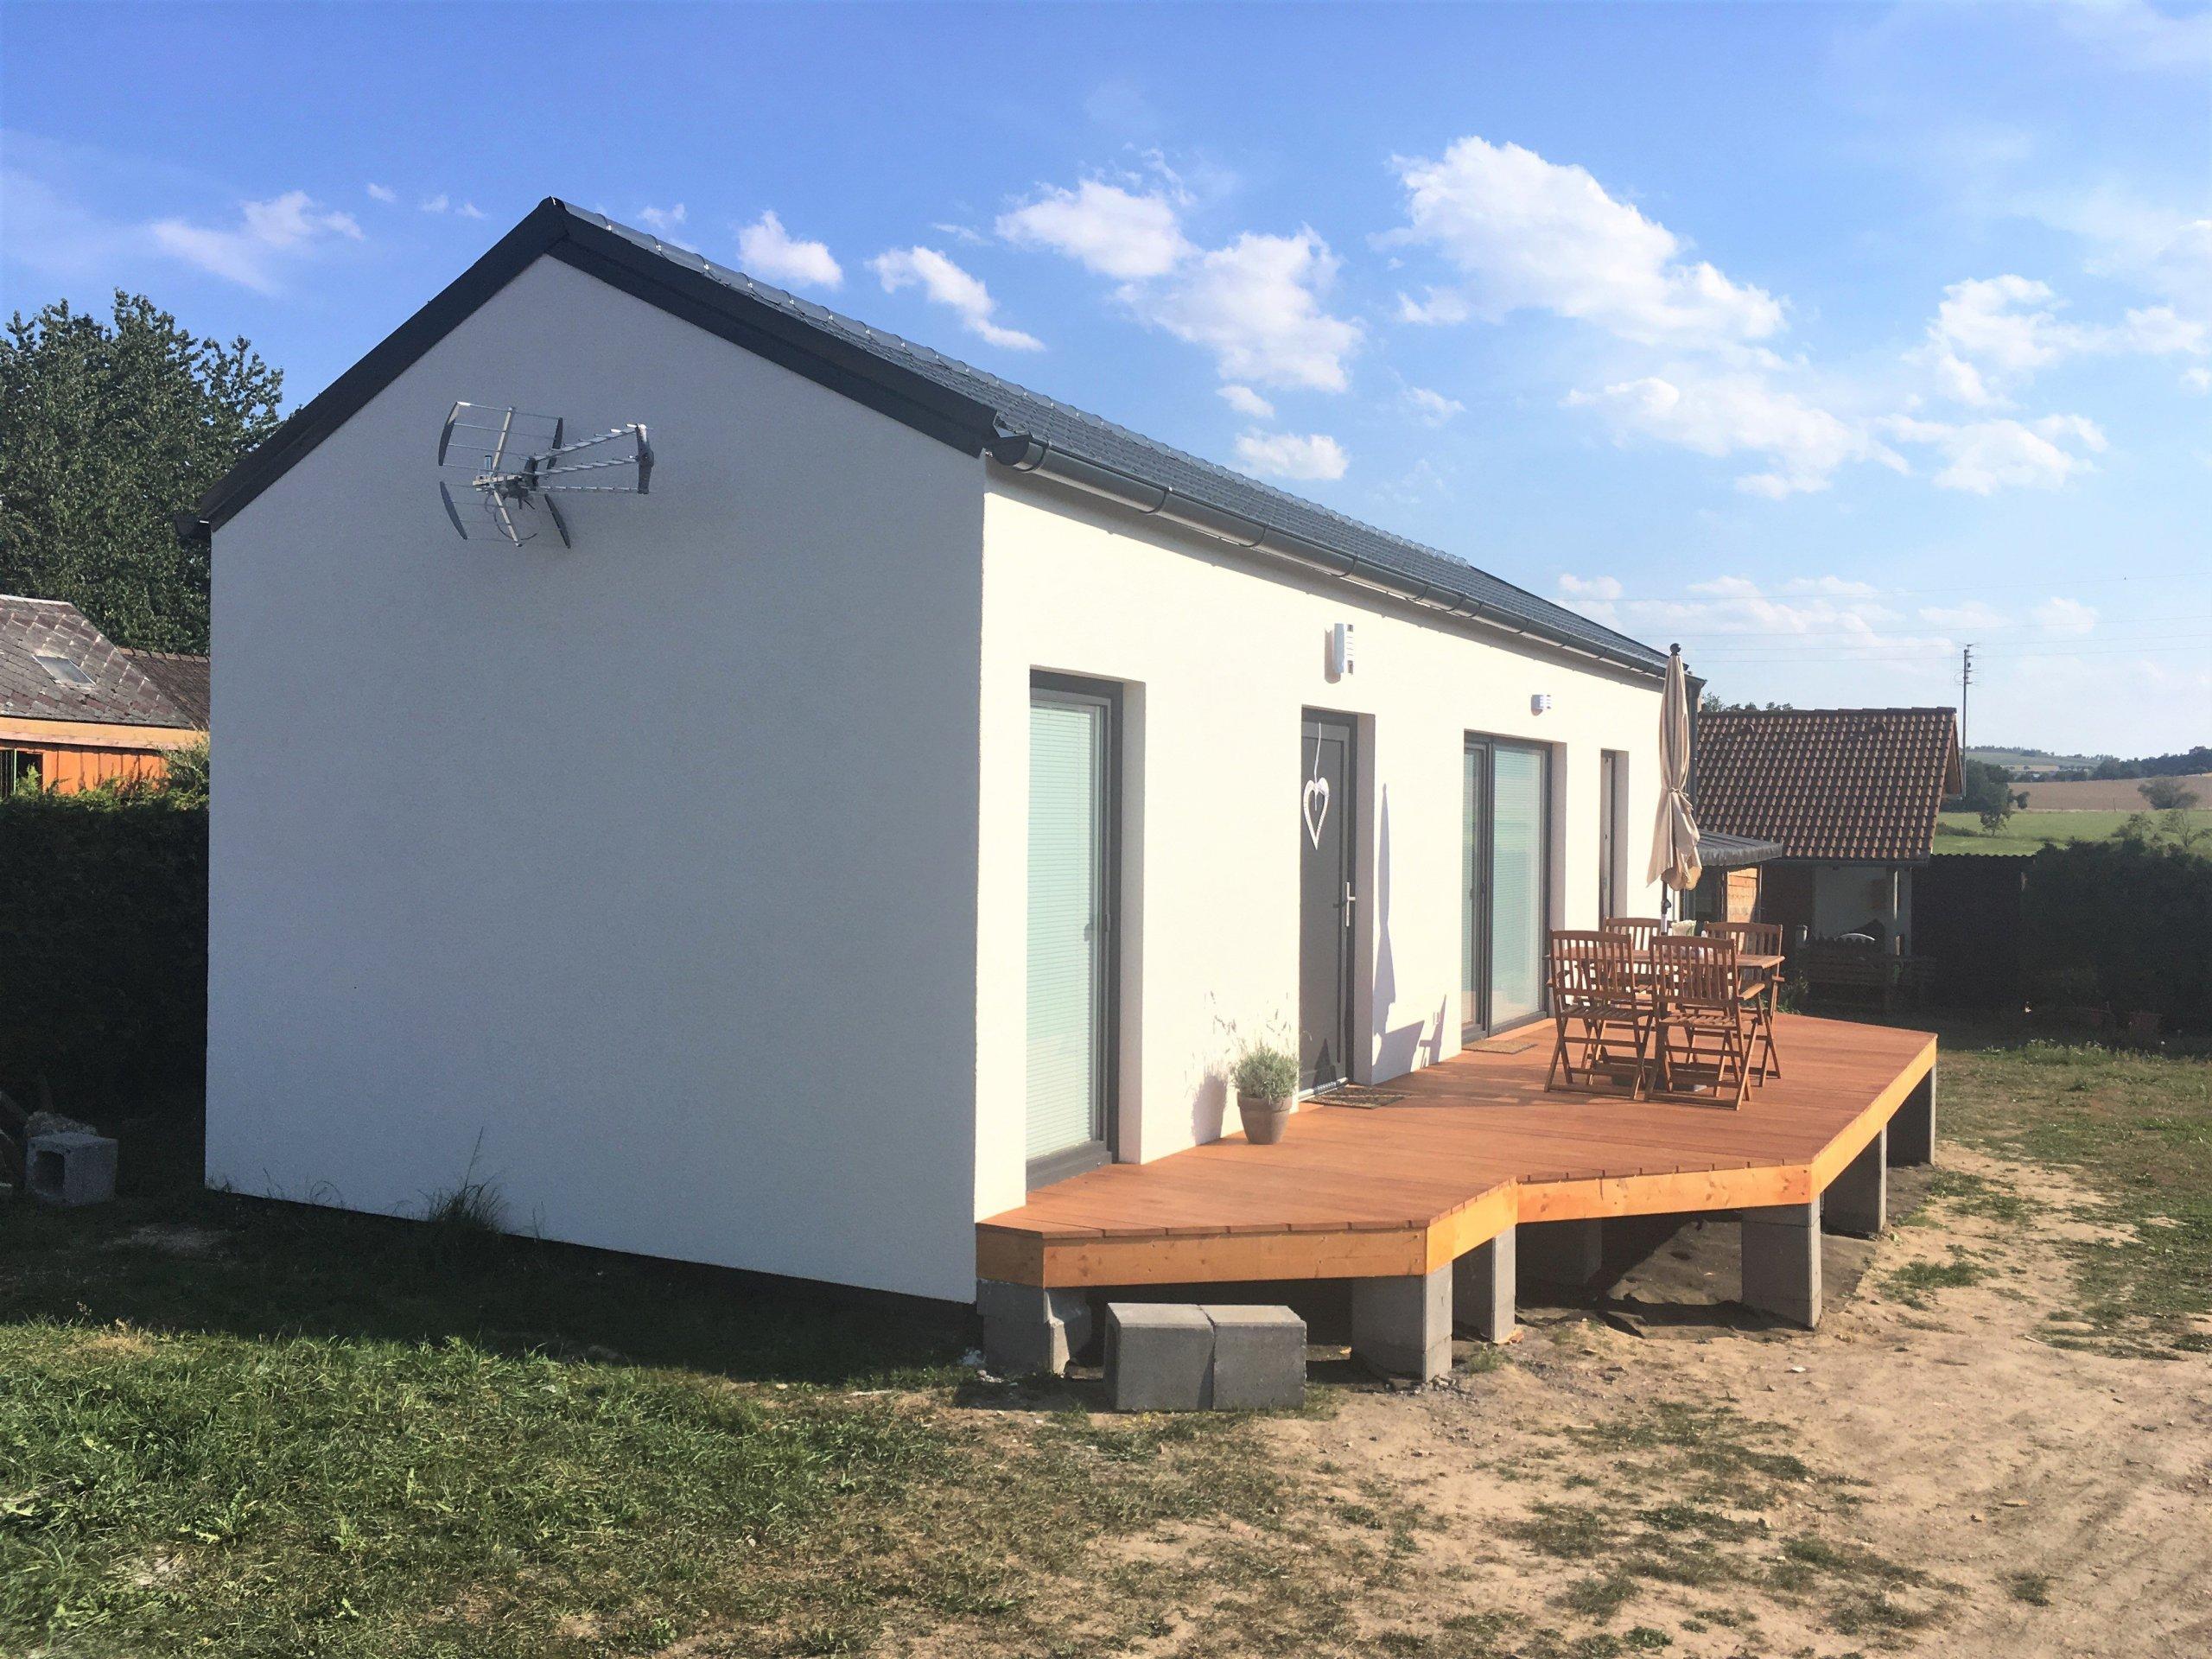 Na Domažlicku jsme letos postavili typovou dřevostavbu EASY 48 o půdoryse 12x4m v moderní kombinaci antracitových oken a střechy a bílé fasády, kterou…